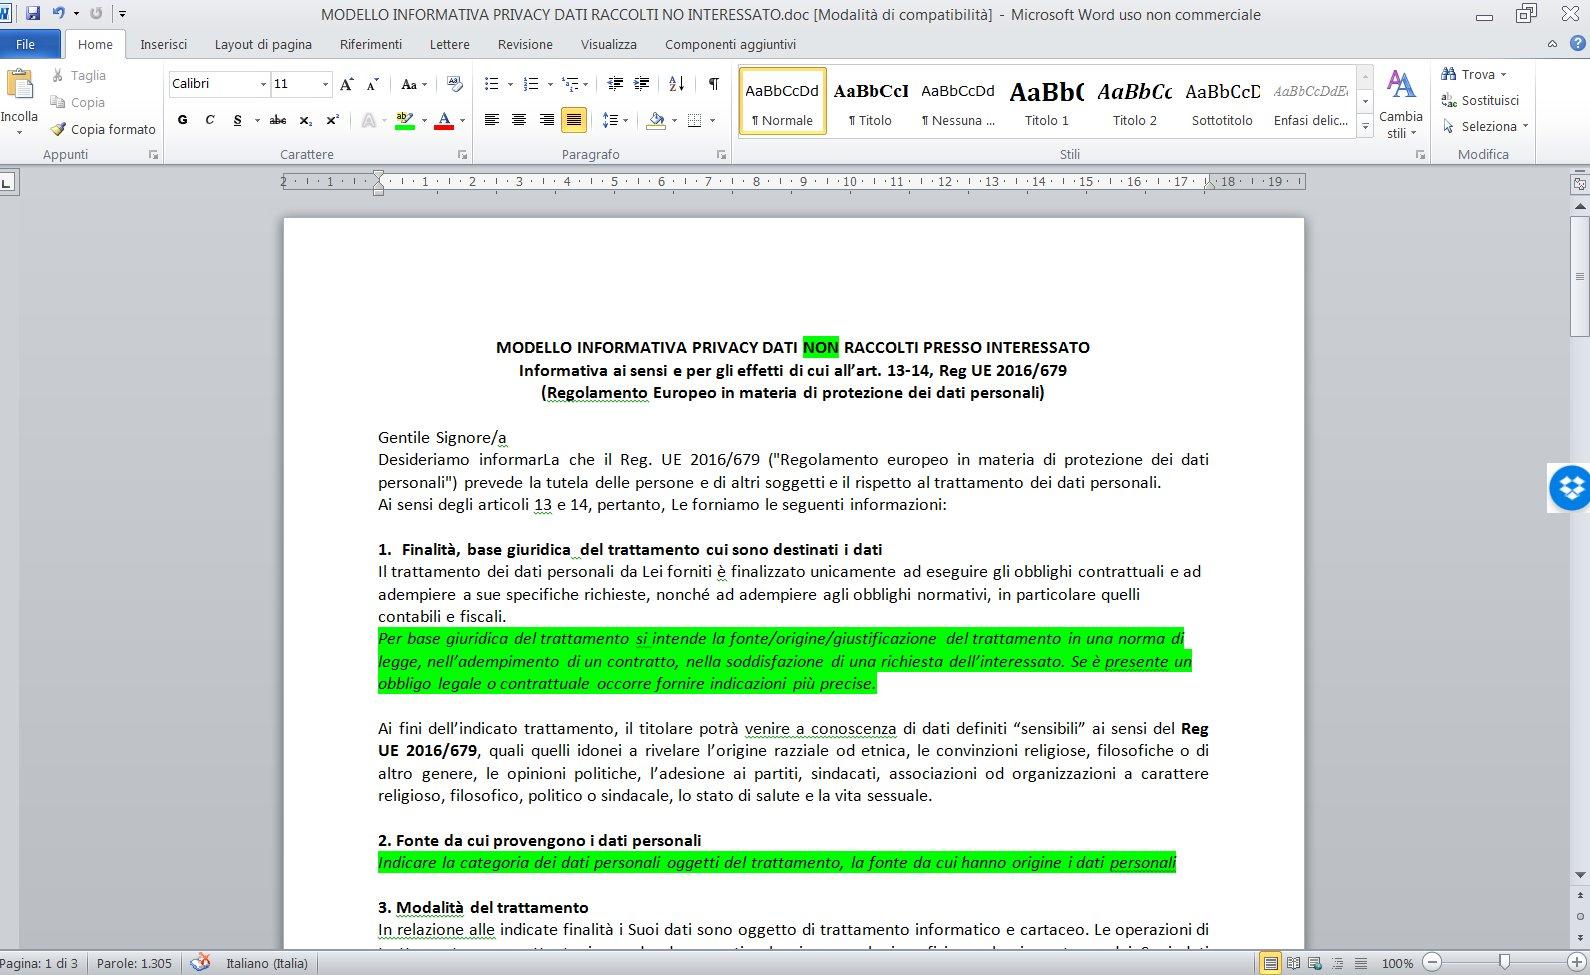 Pubblicato Kit Documentazione Gdpr Privacy Europea 20